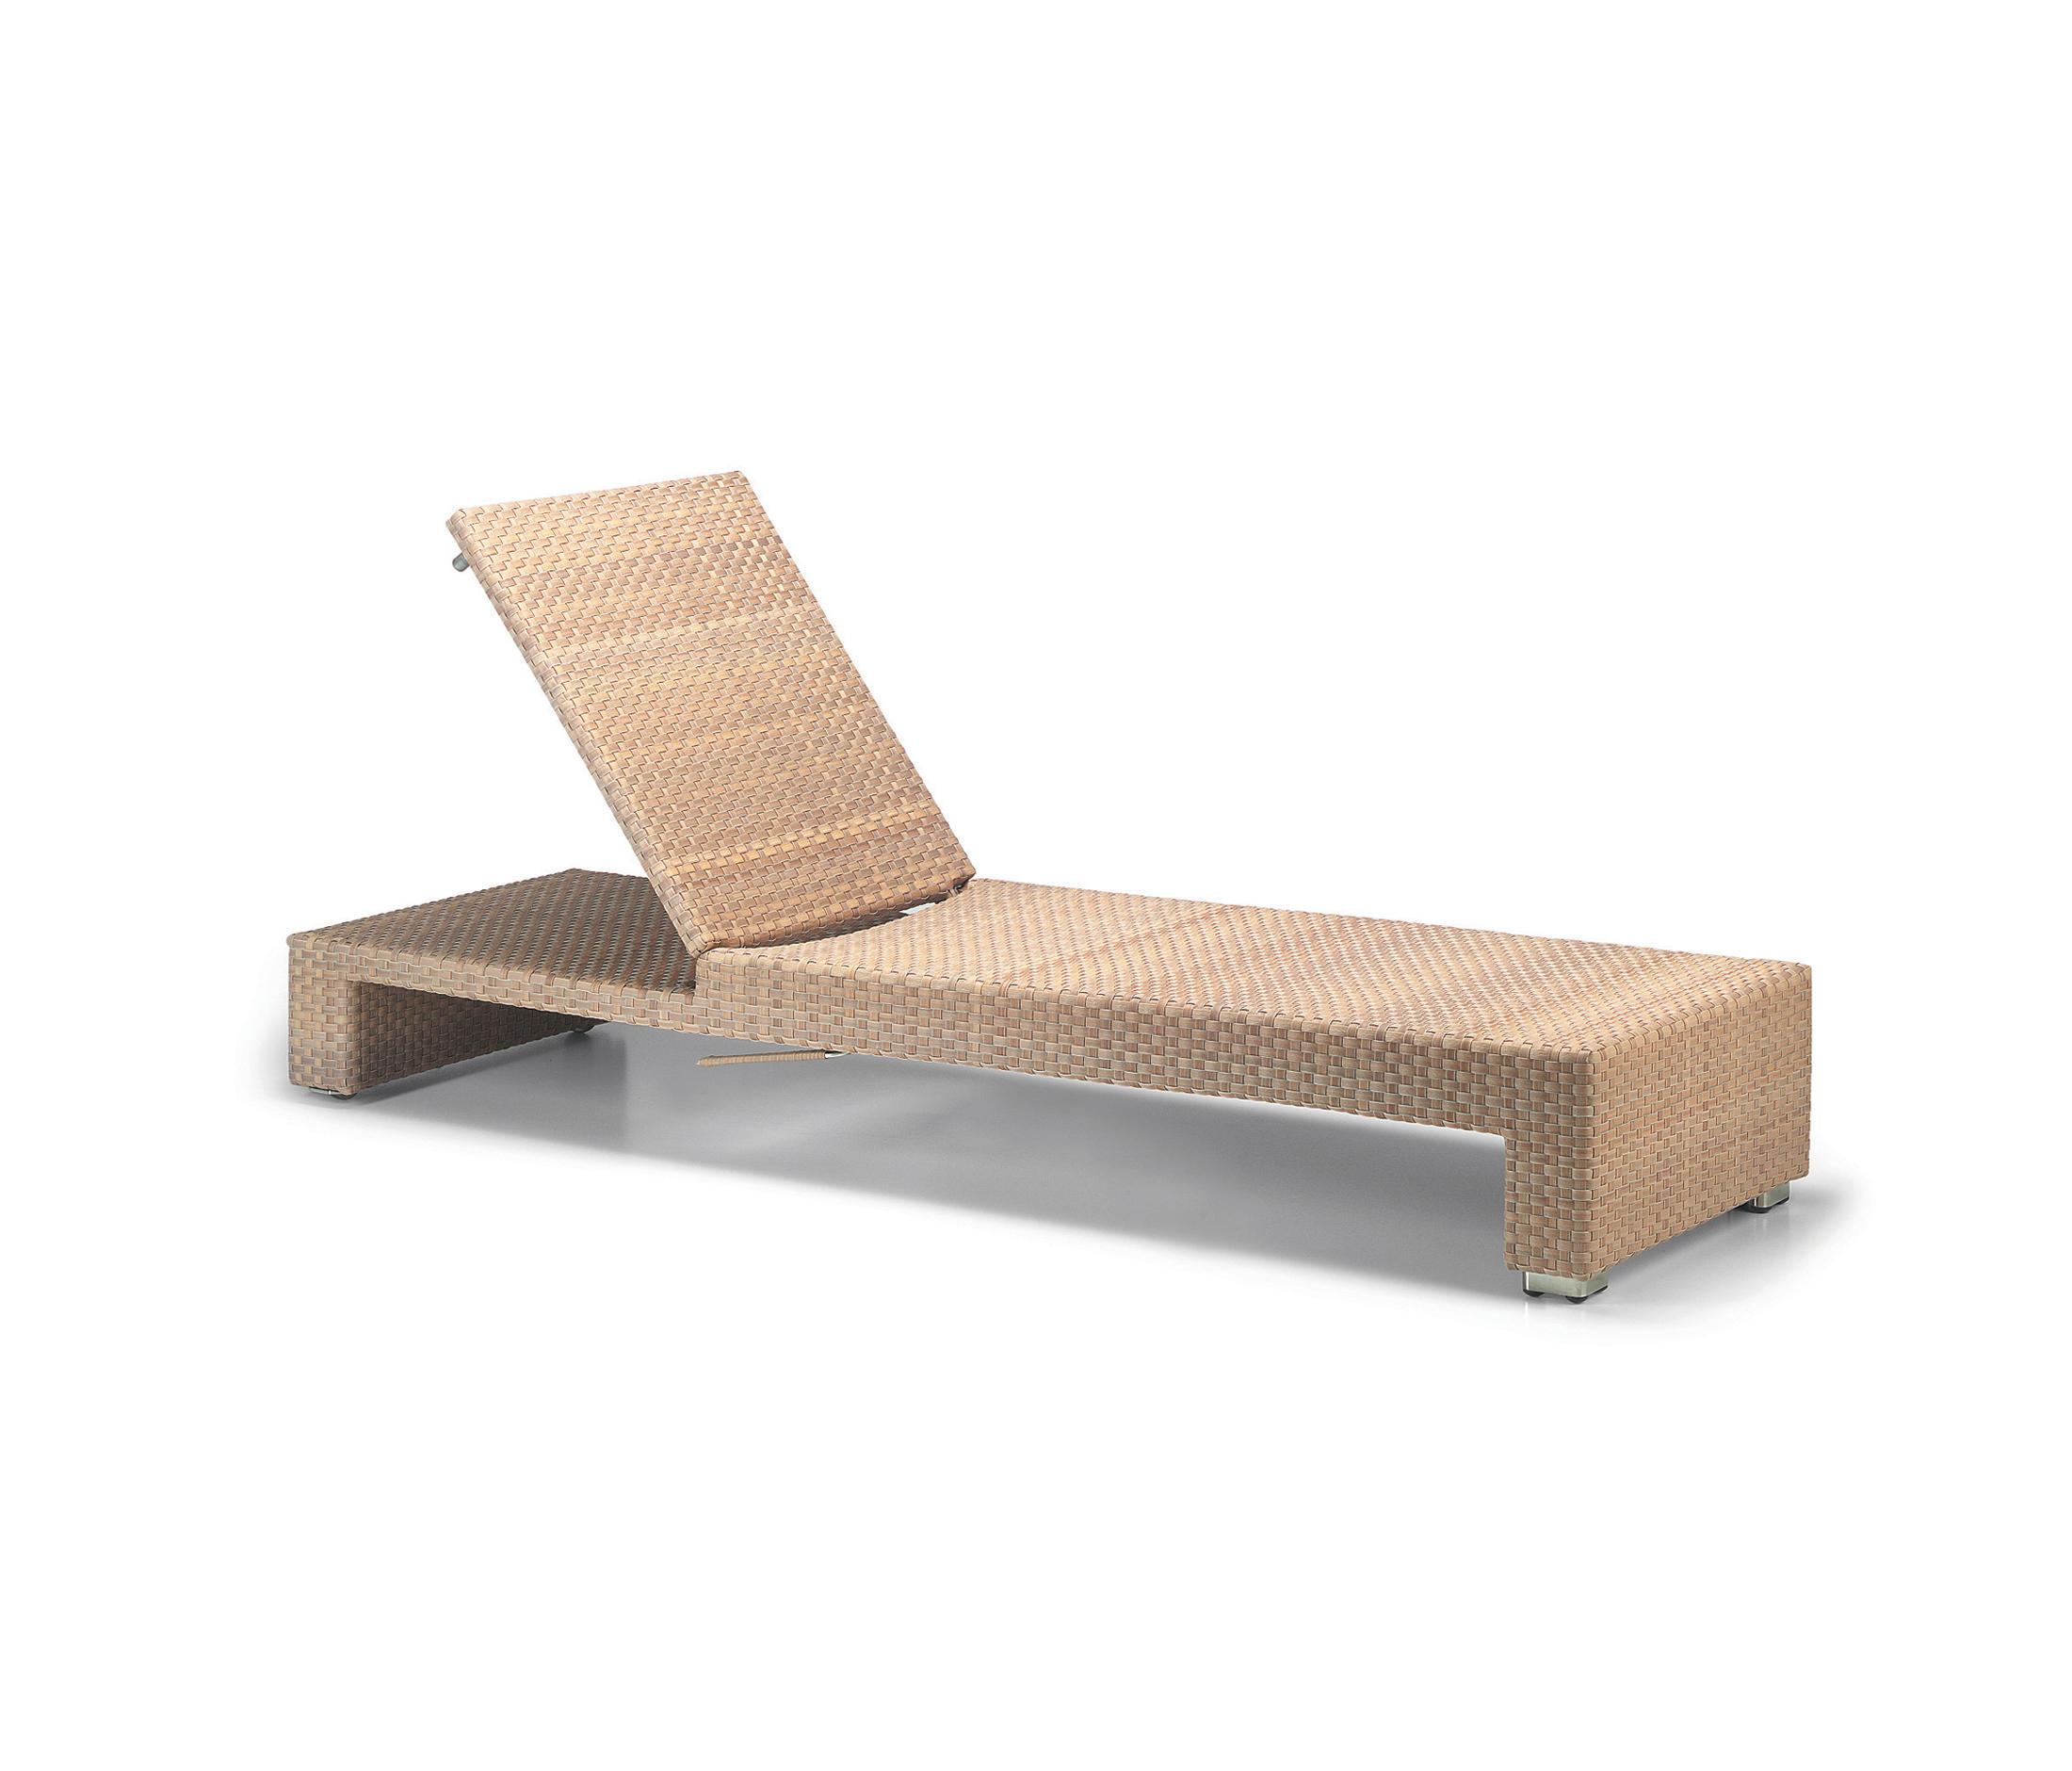 L gant chaise longue de jardin sabakunohana for Chaise longue jardin aldi